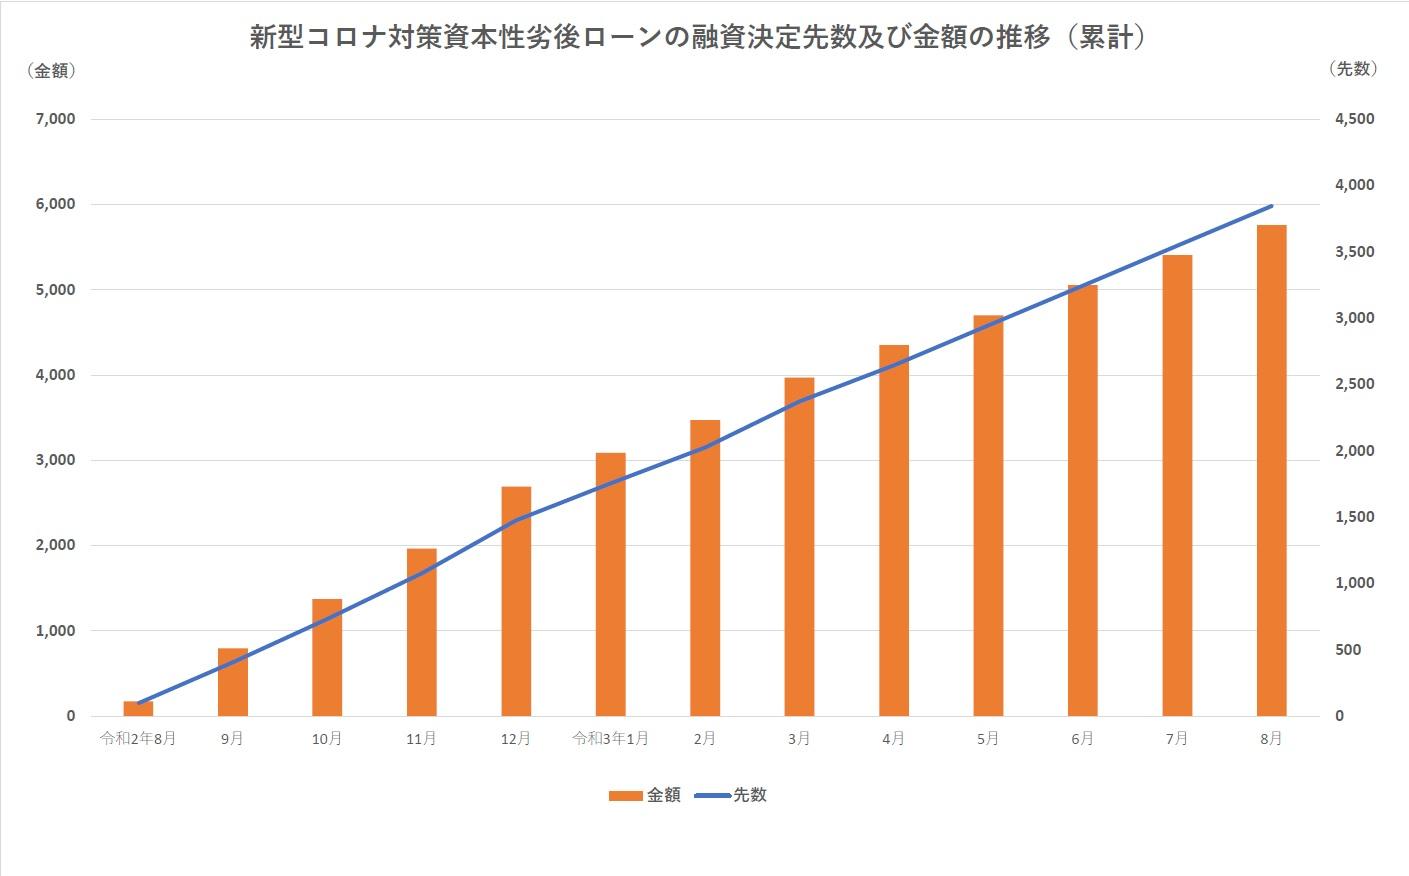 日本政策金融公庫の資本性劣後ローンの融資決定先数及び金額